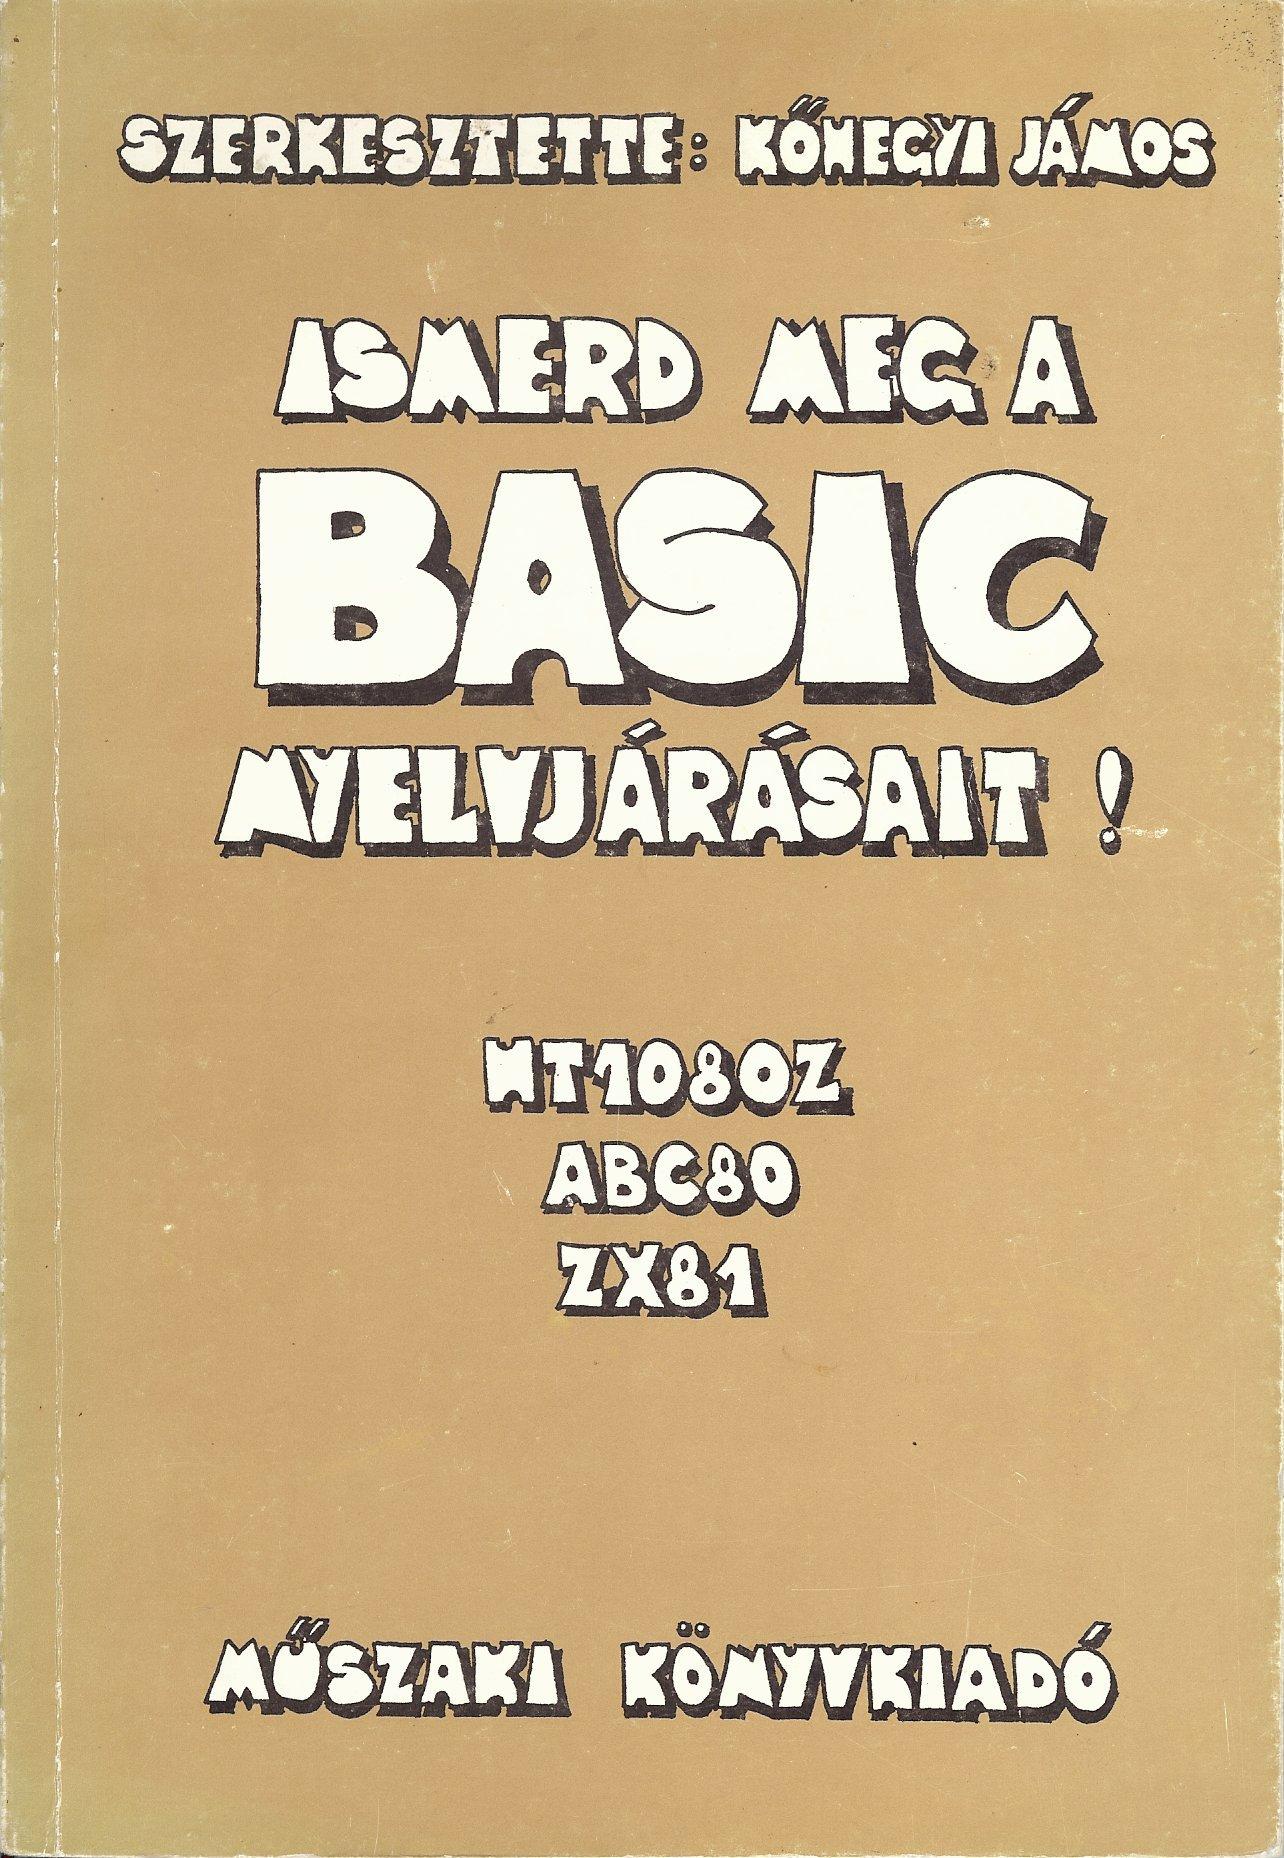 Ismerd meg a BASIC nyelvjárásait (3)